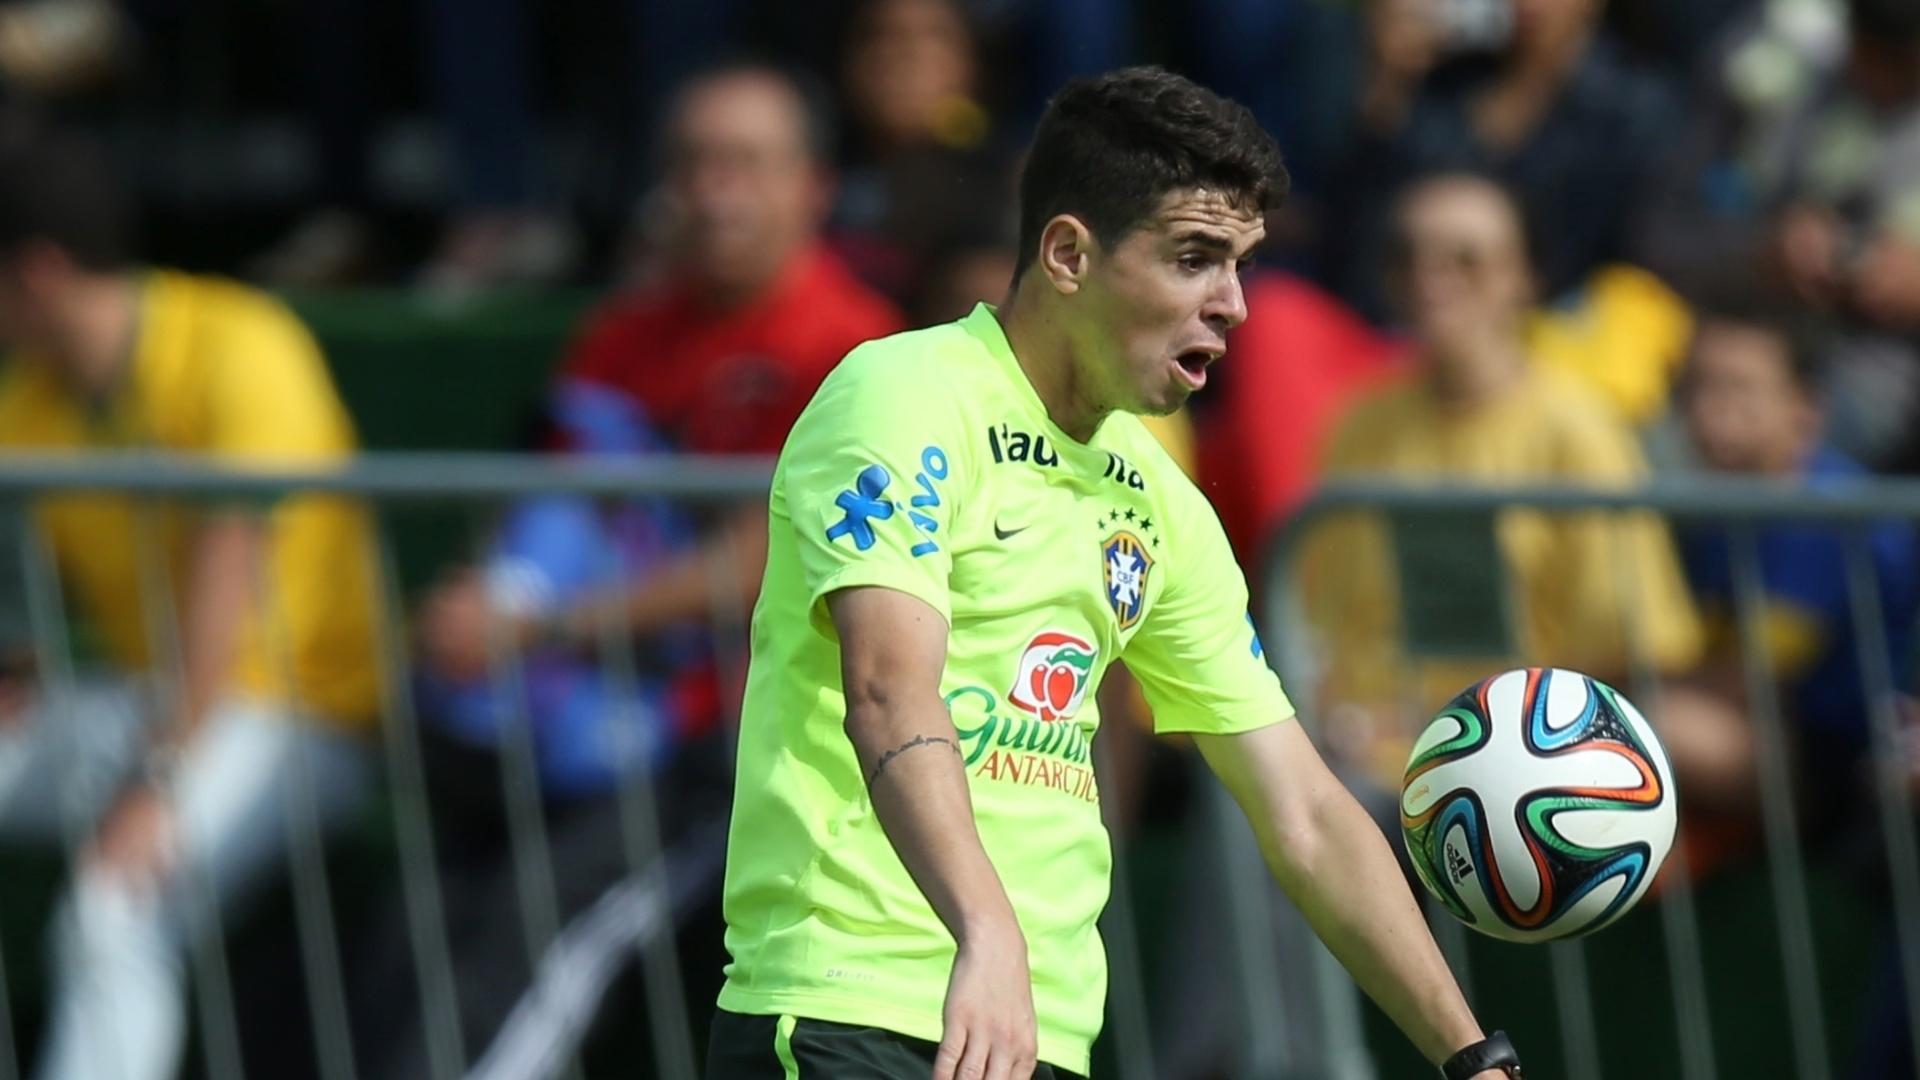 26.jun.2014 - Meia Oscar domina a bola no peito durante coletivo da seleção brasileira em treino na Granja Comary